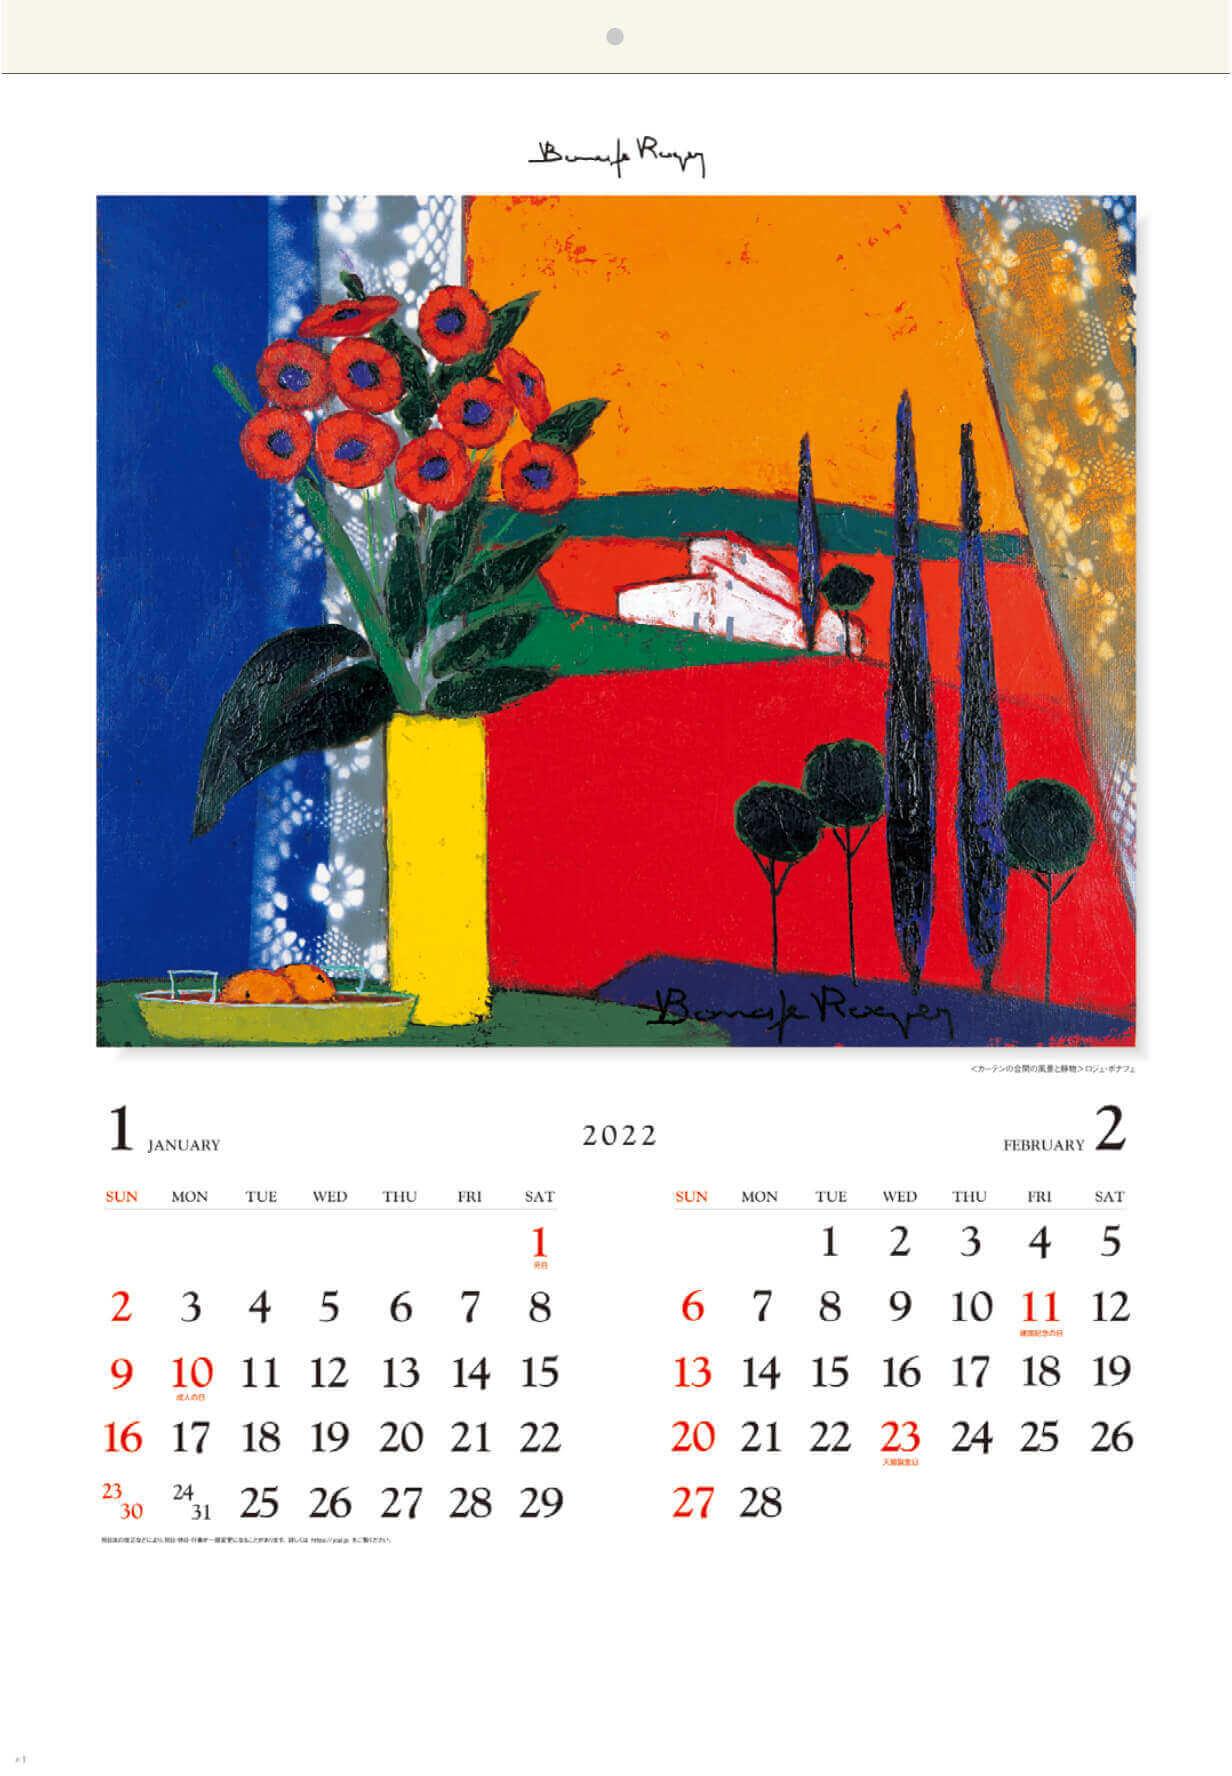 1-2月 カーテンの合間の風景と静物 ロジェ・ボナフェ作品集 2022年カレンダーの画像